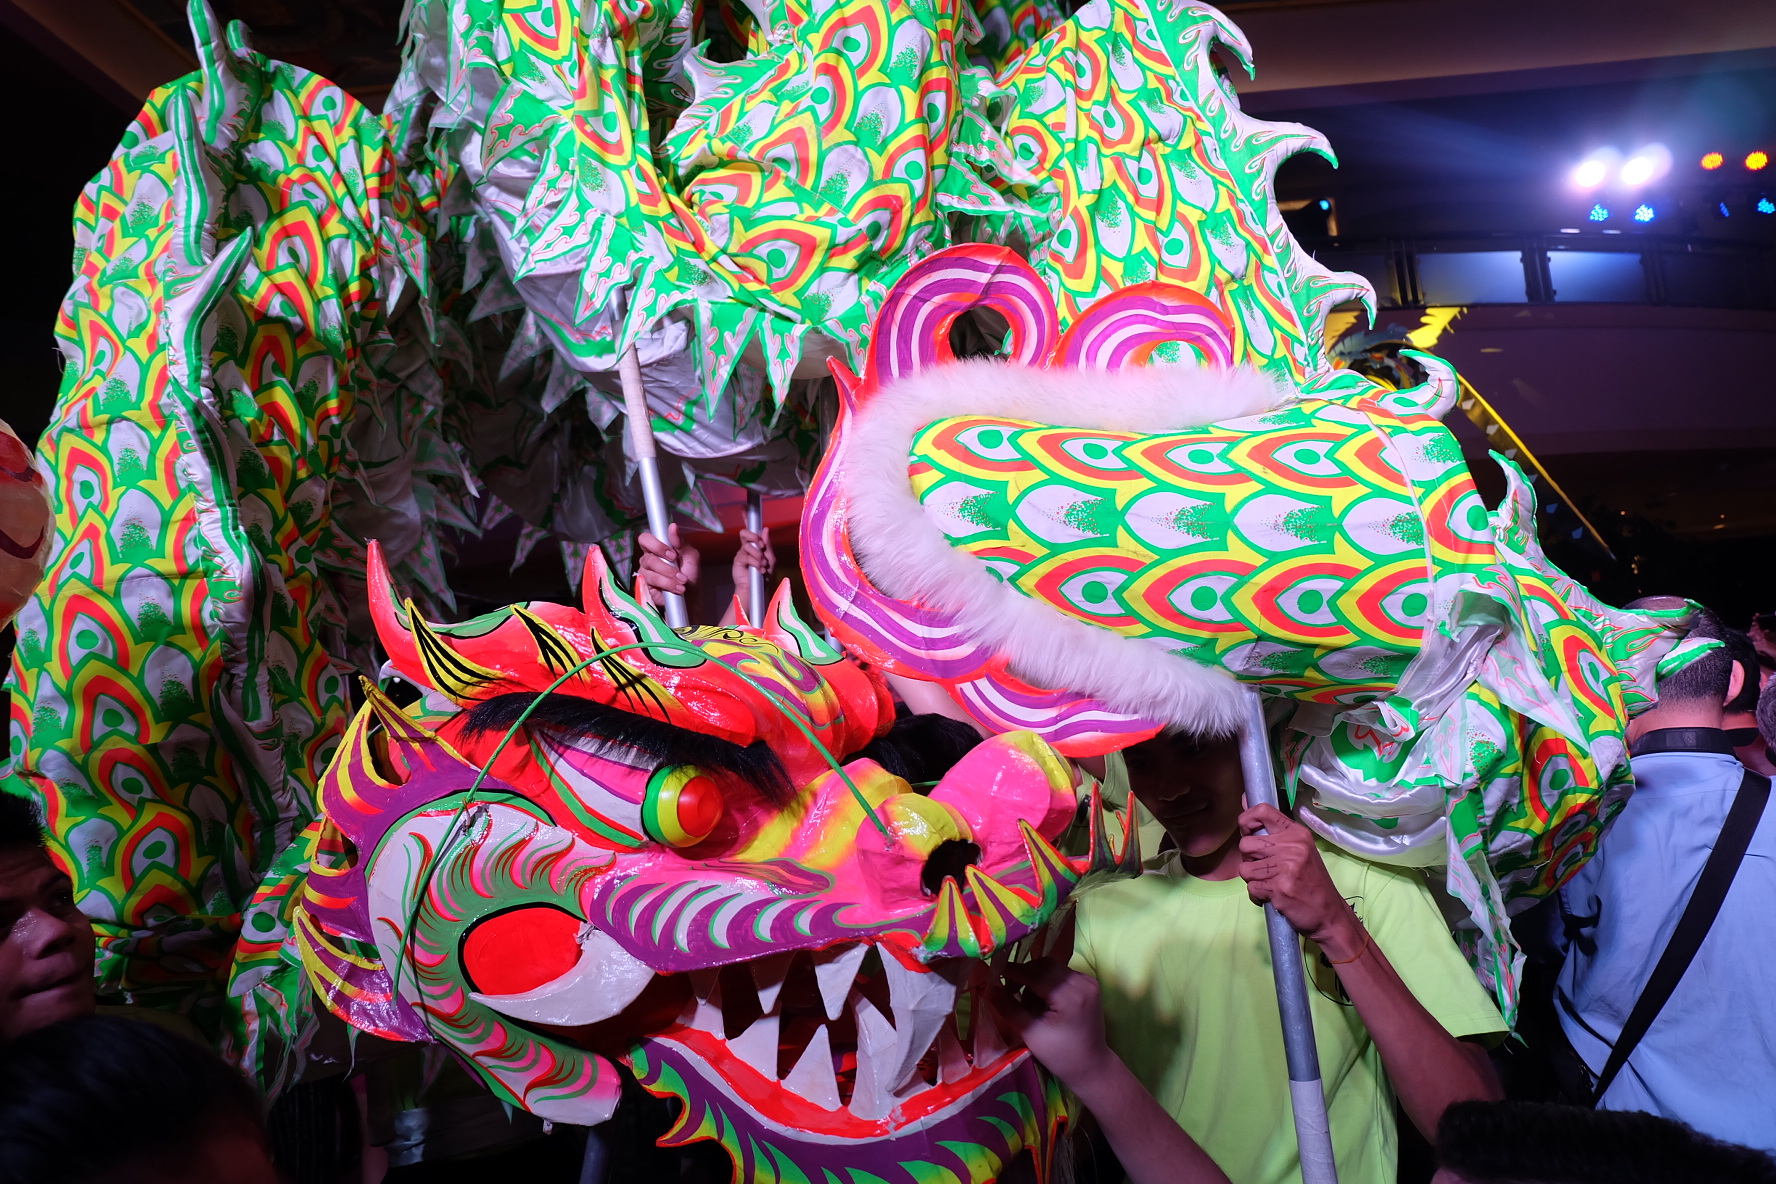 Chinese New Year at Cebu Waterfront Hotel and Casino - iamkimcharlie